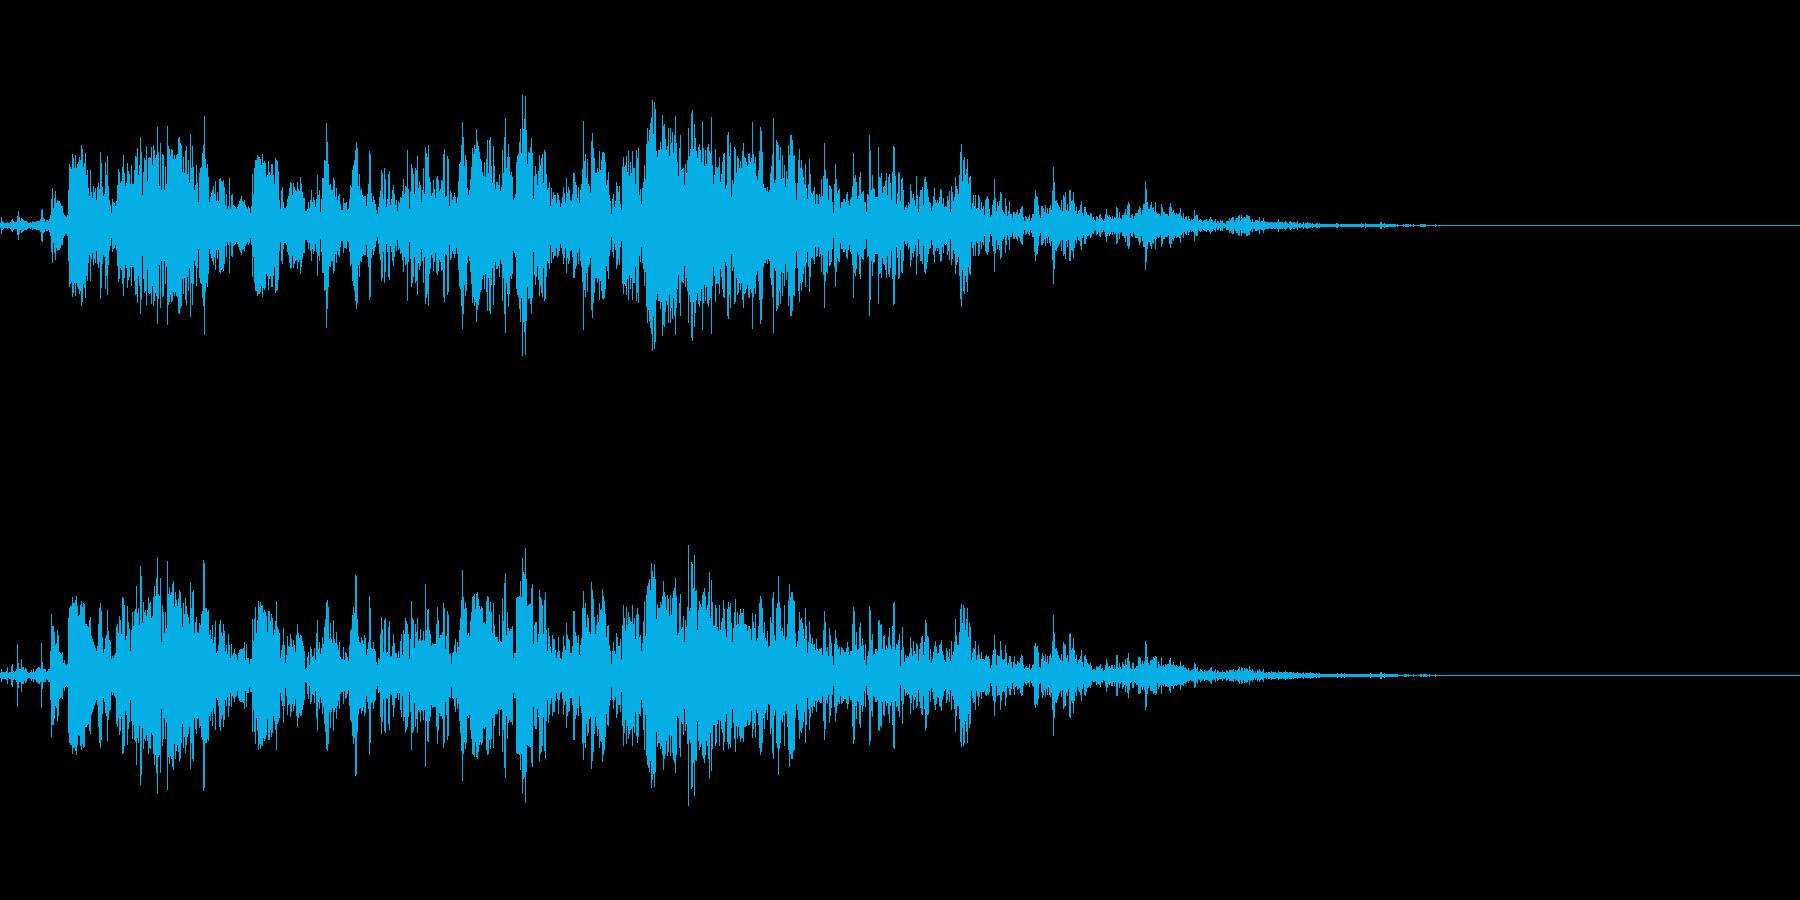 雷 落雷の迫力ある効果音 03の再生済みの波形